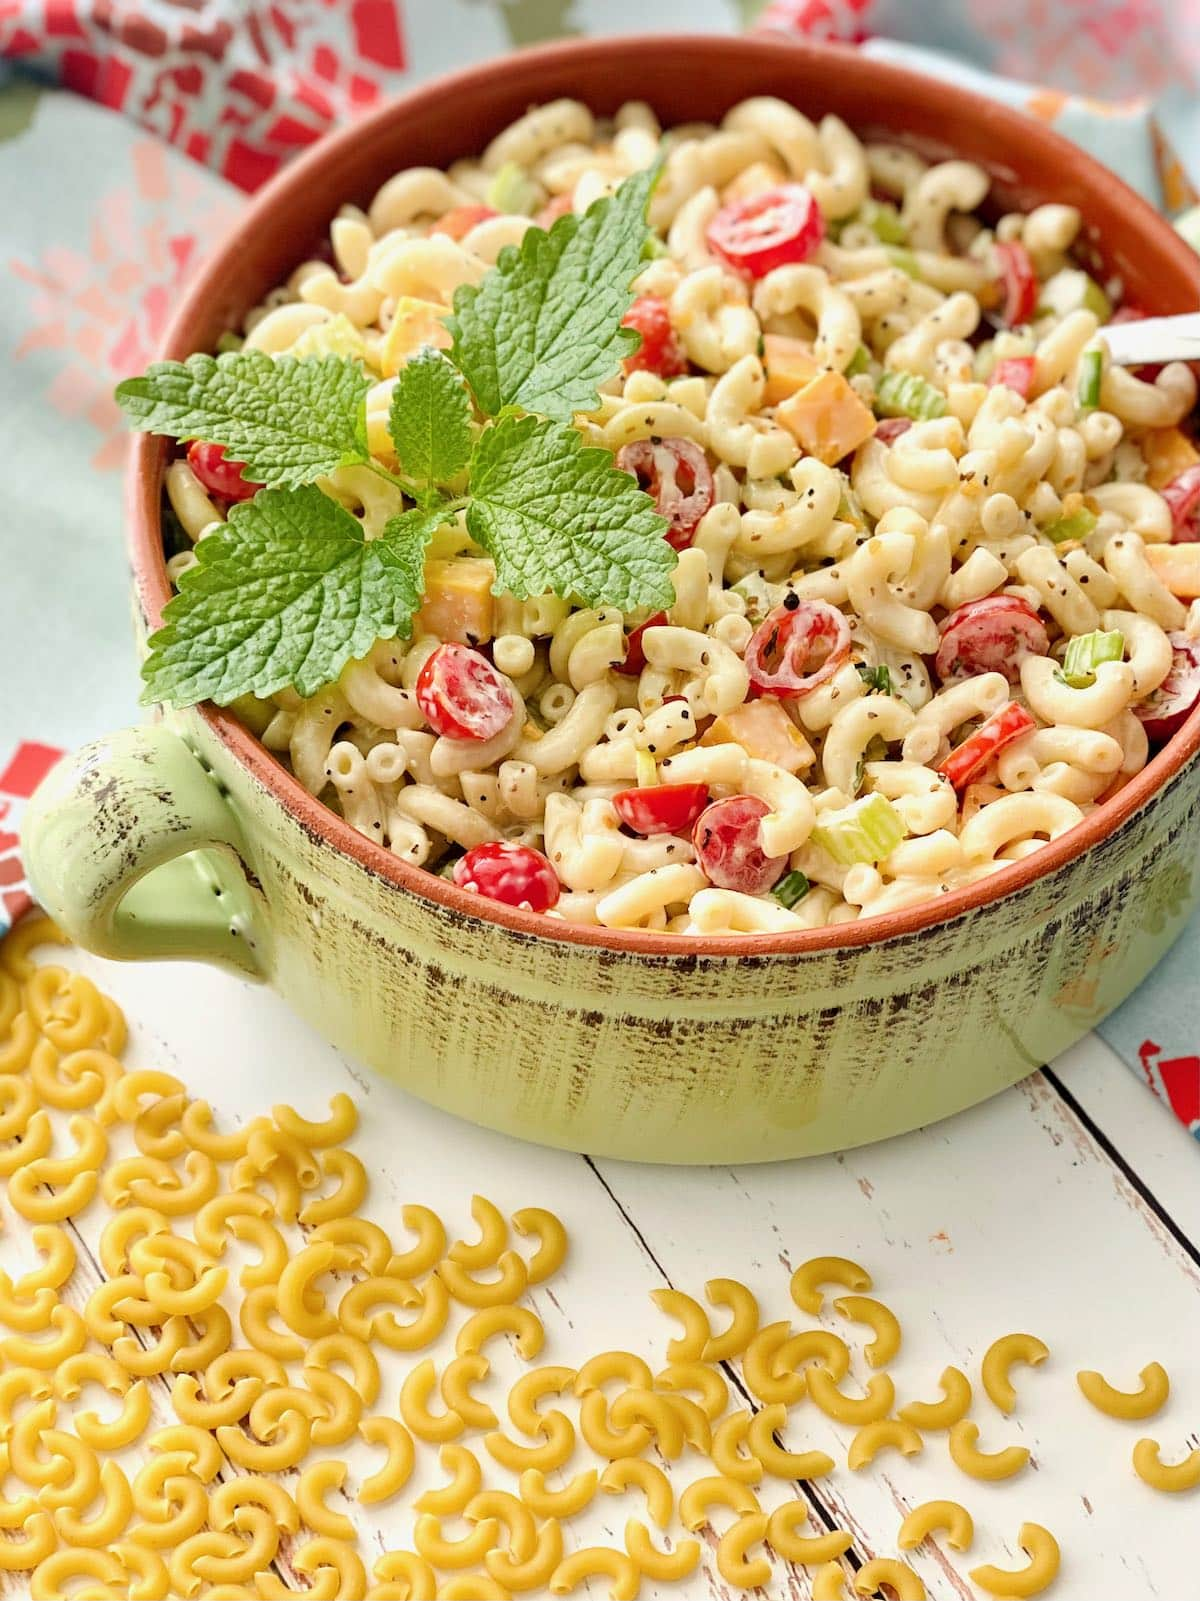 macaroni elbow noodles spilled around a bowl of macaroni salad.